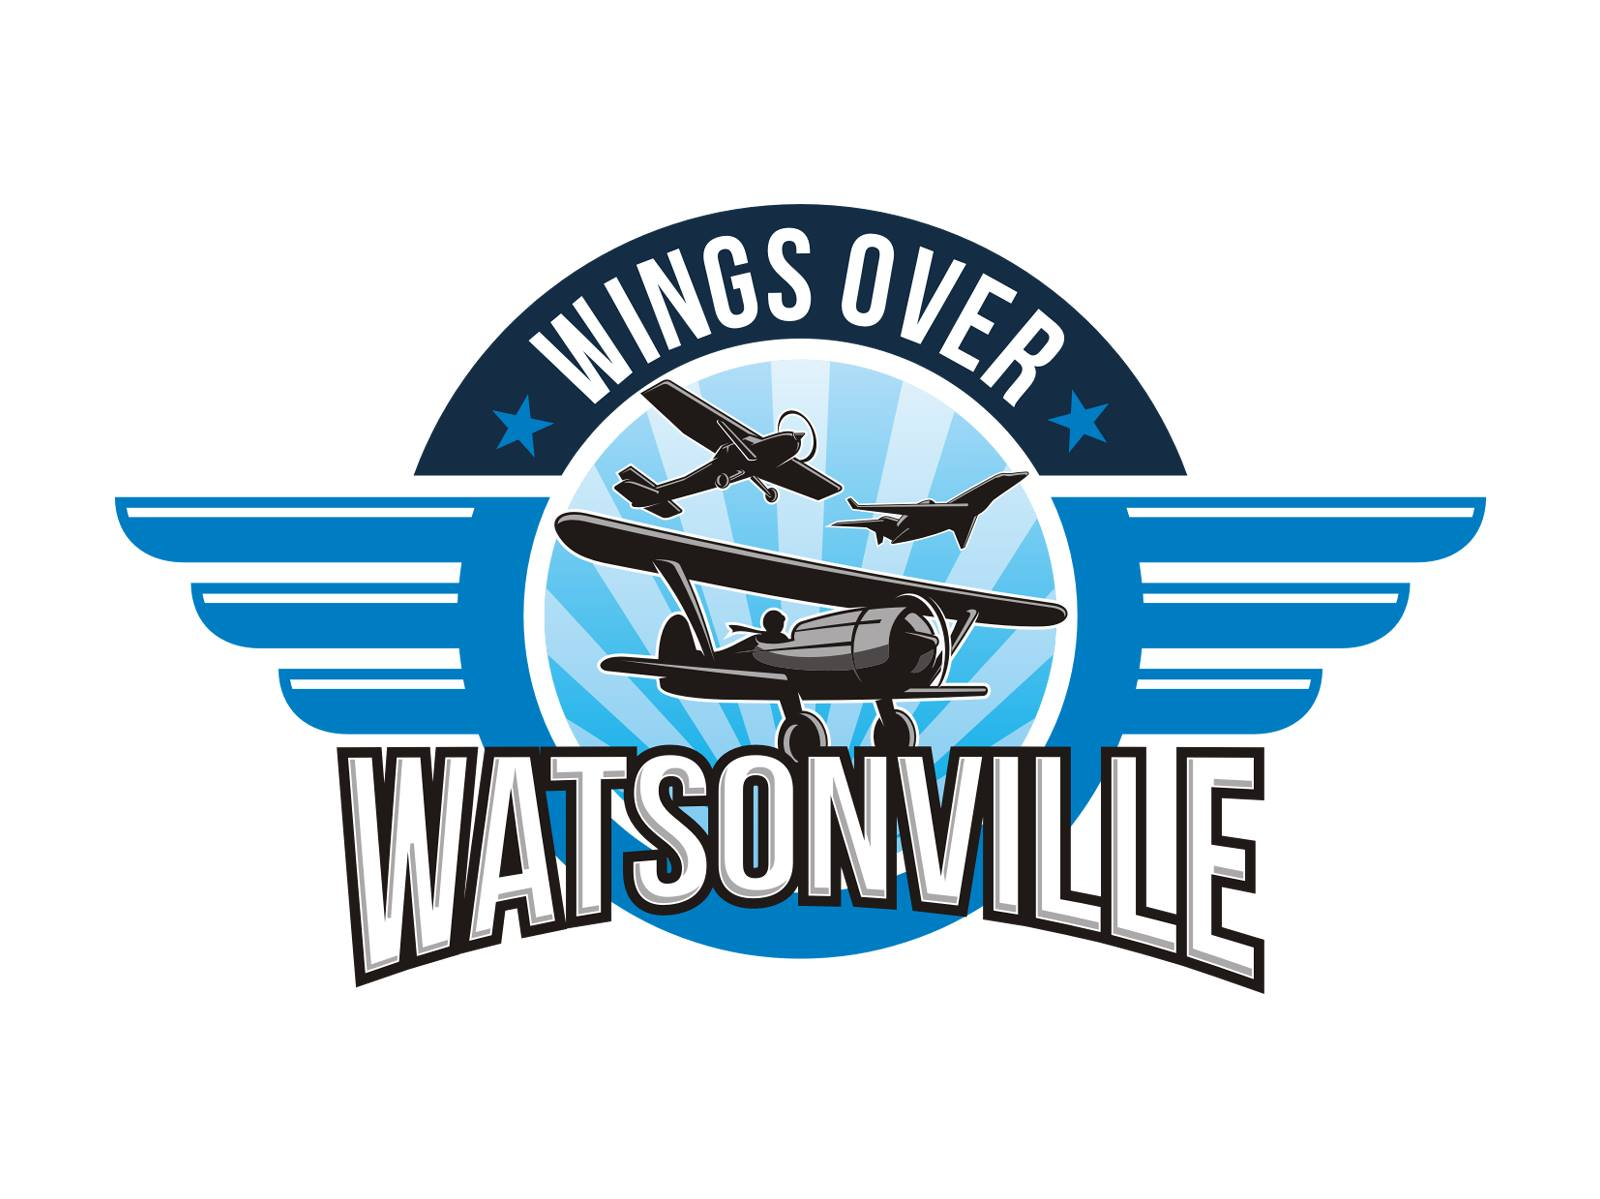 wingsoverwatsonville2016.jpg